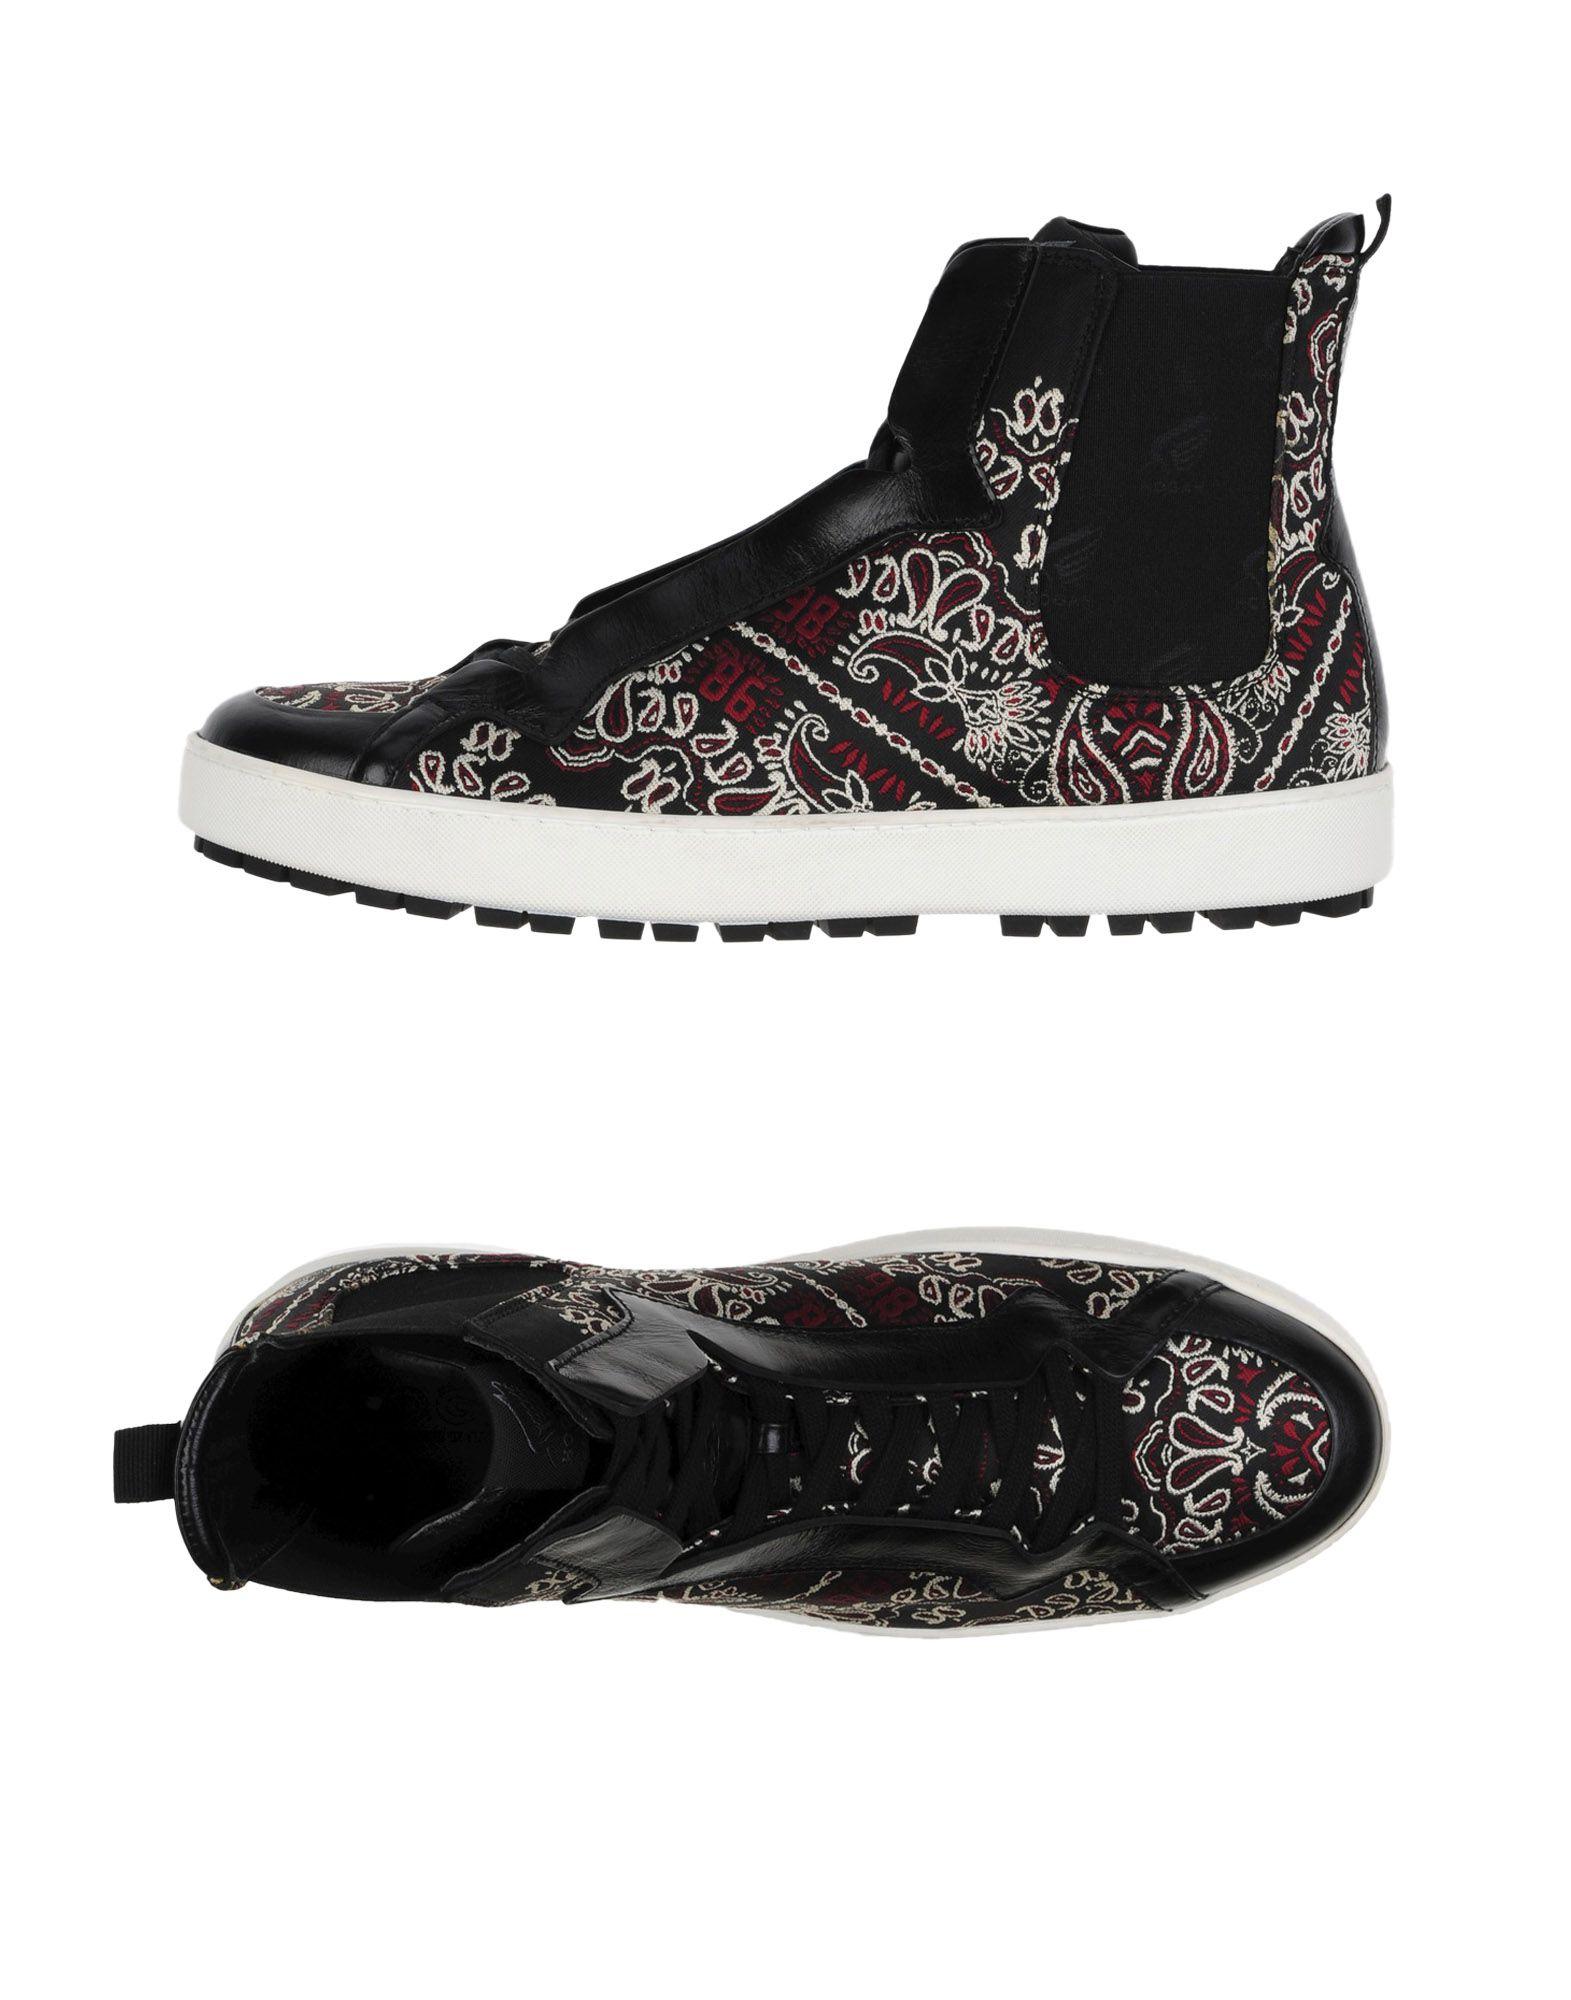 11298016RN Hogan Sneakers Herren  11298016RN  Heiße Schuhe ac42c1